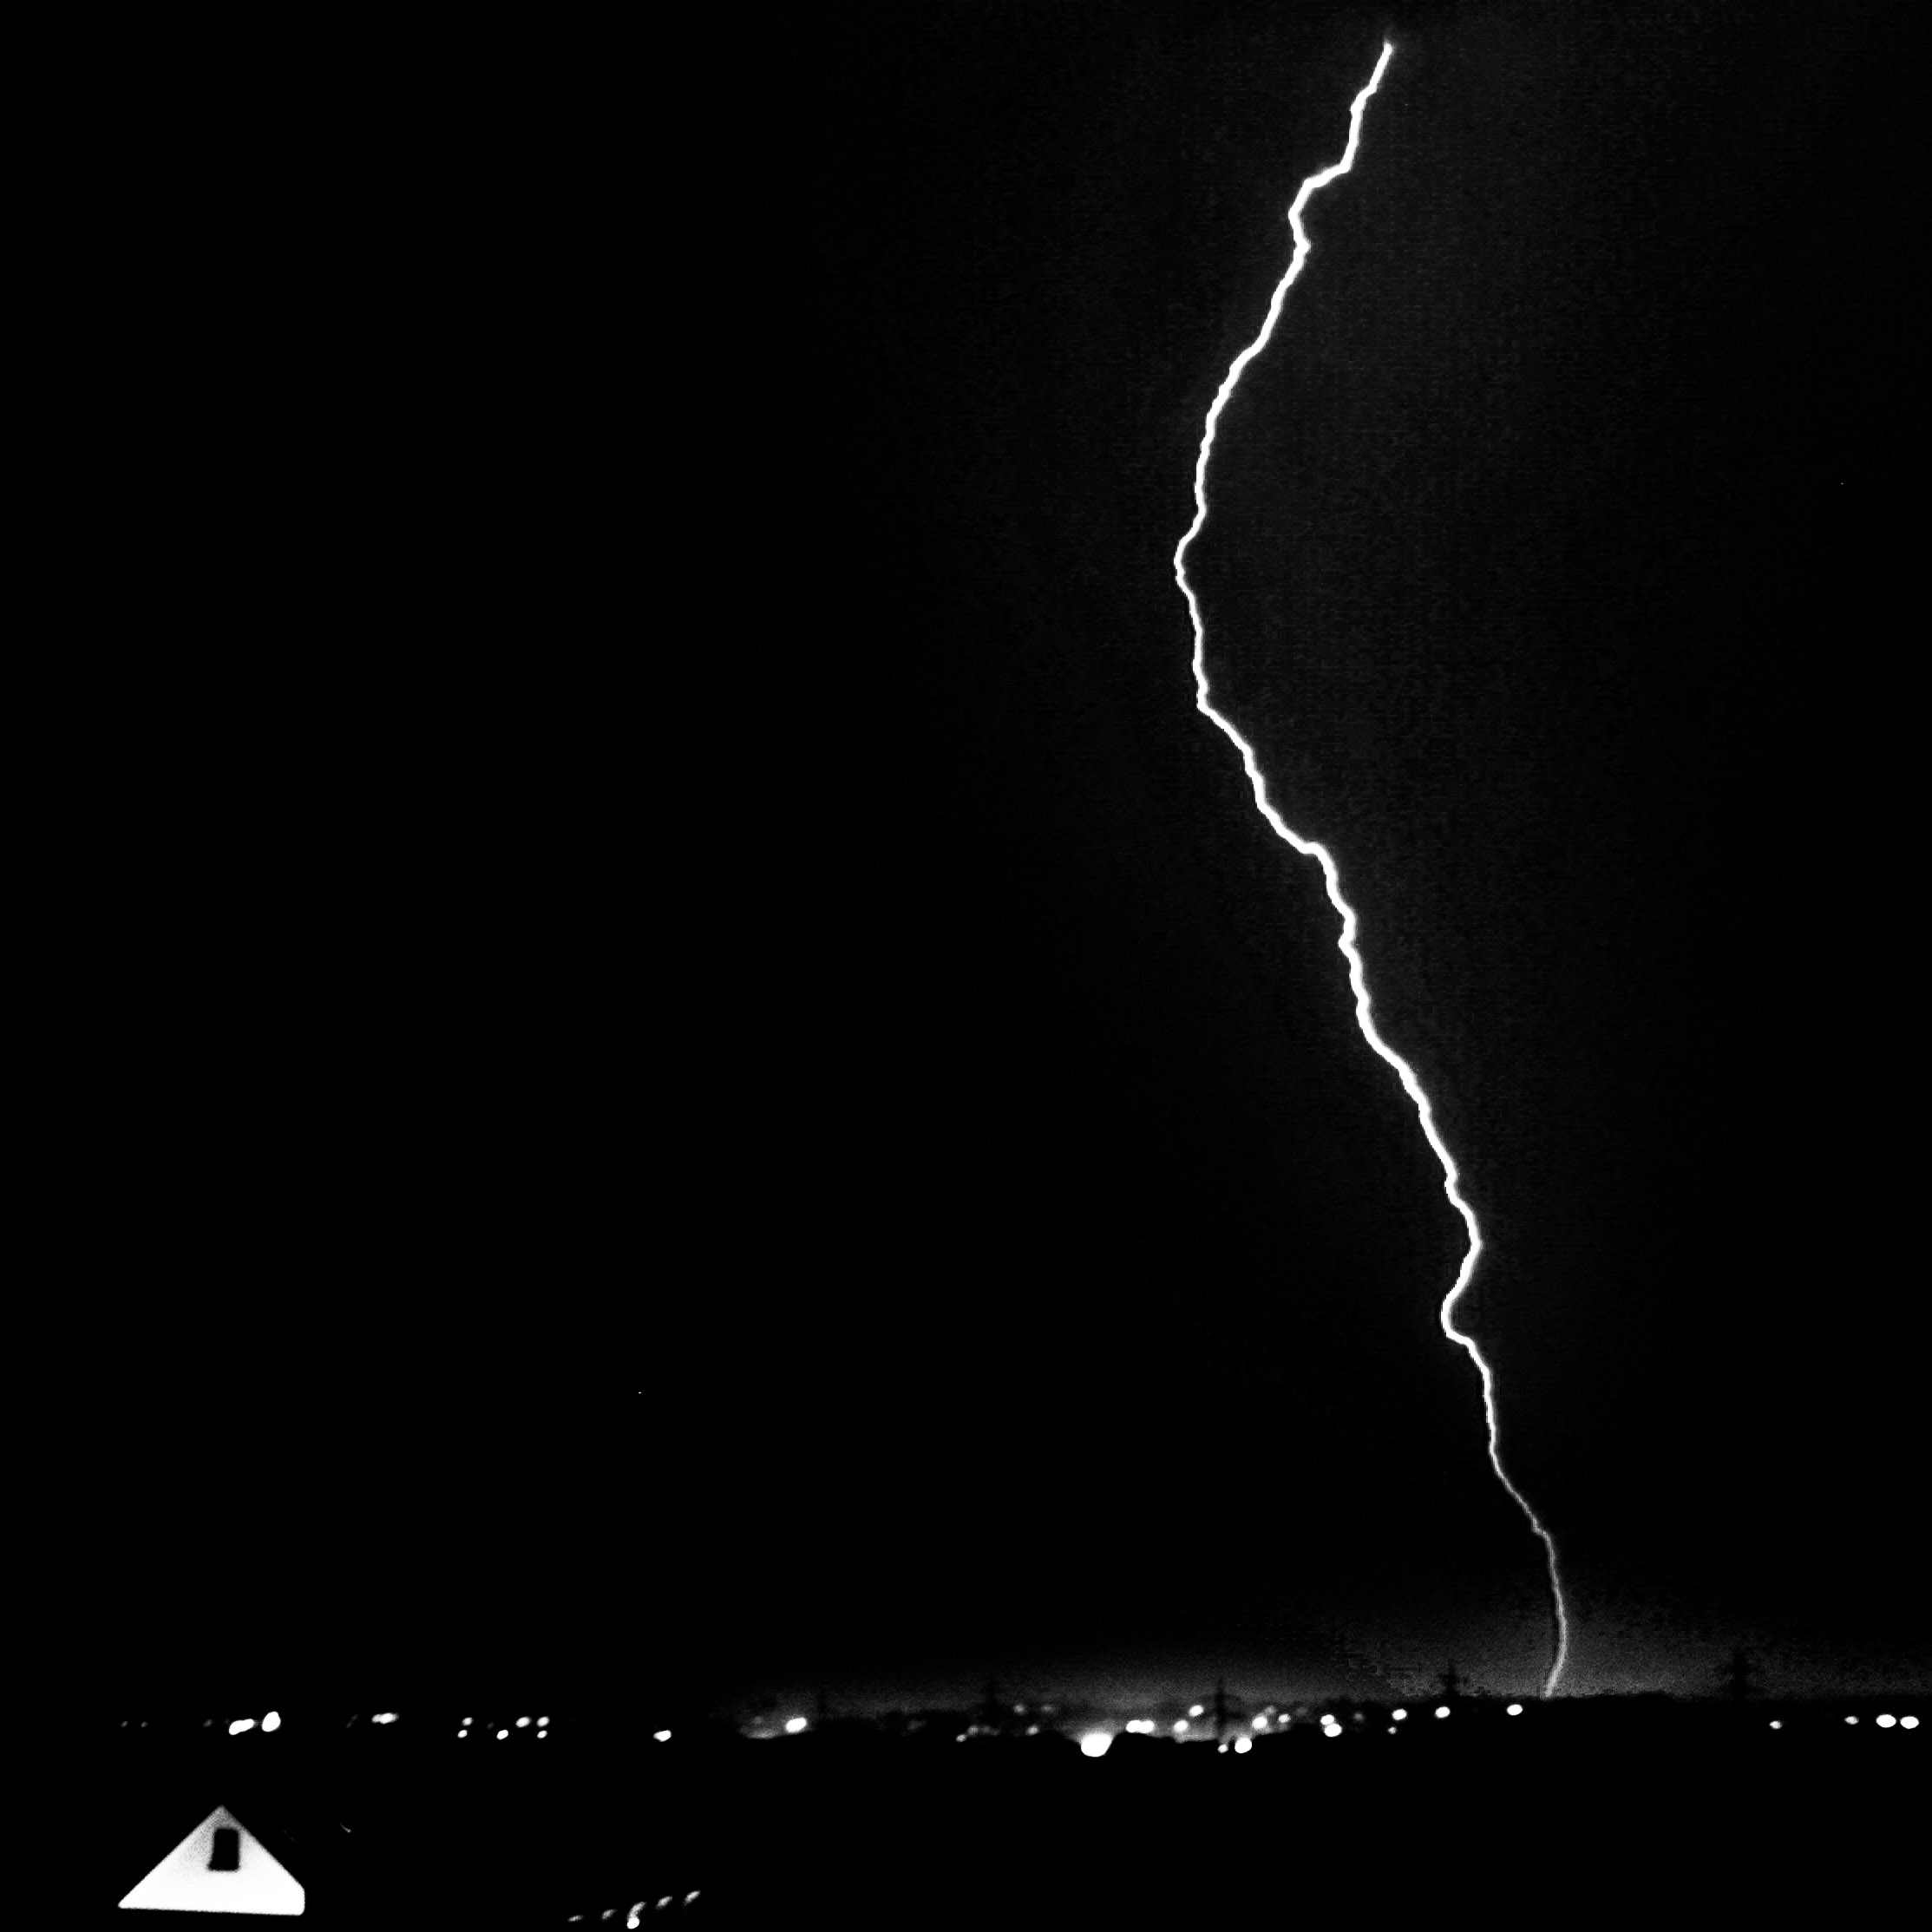 Bild von 1 von 3 Blitzen